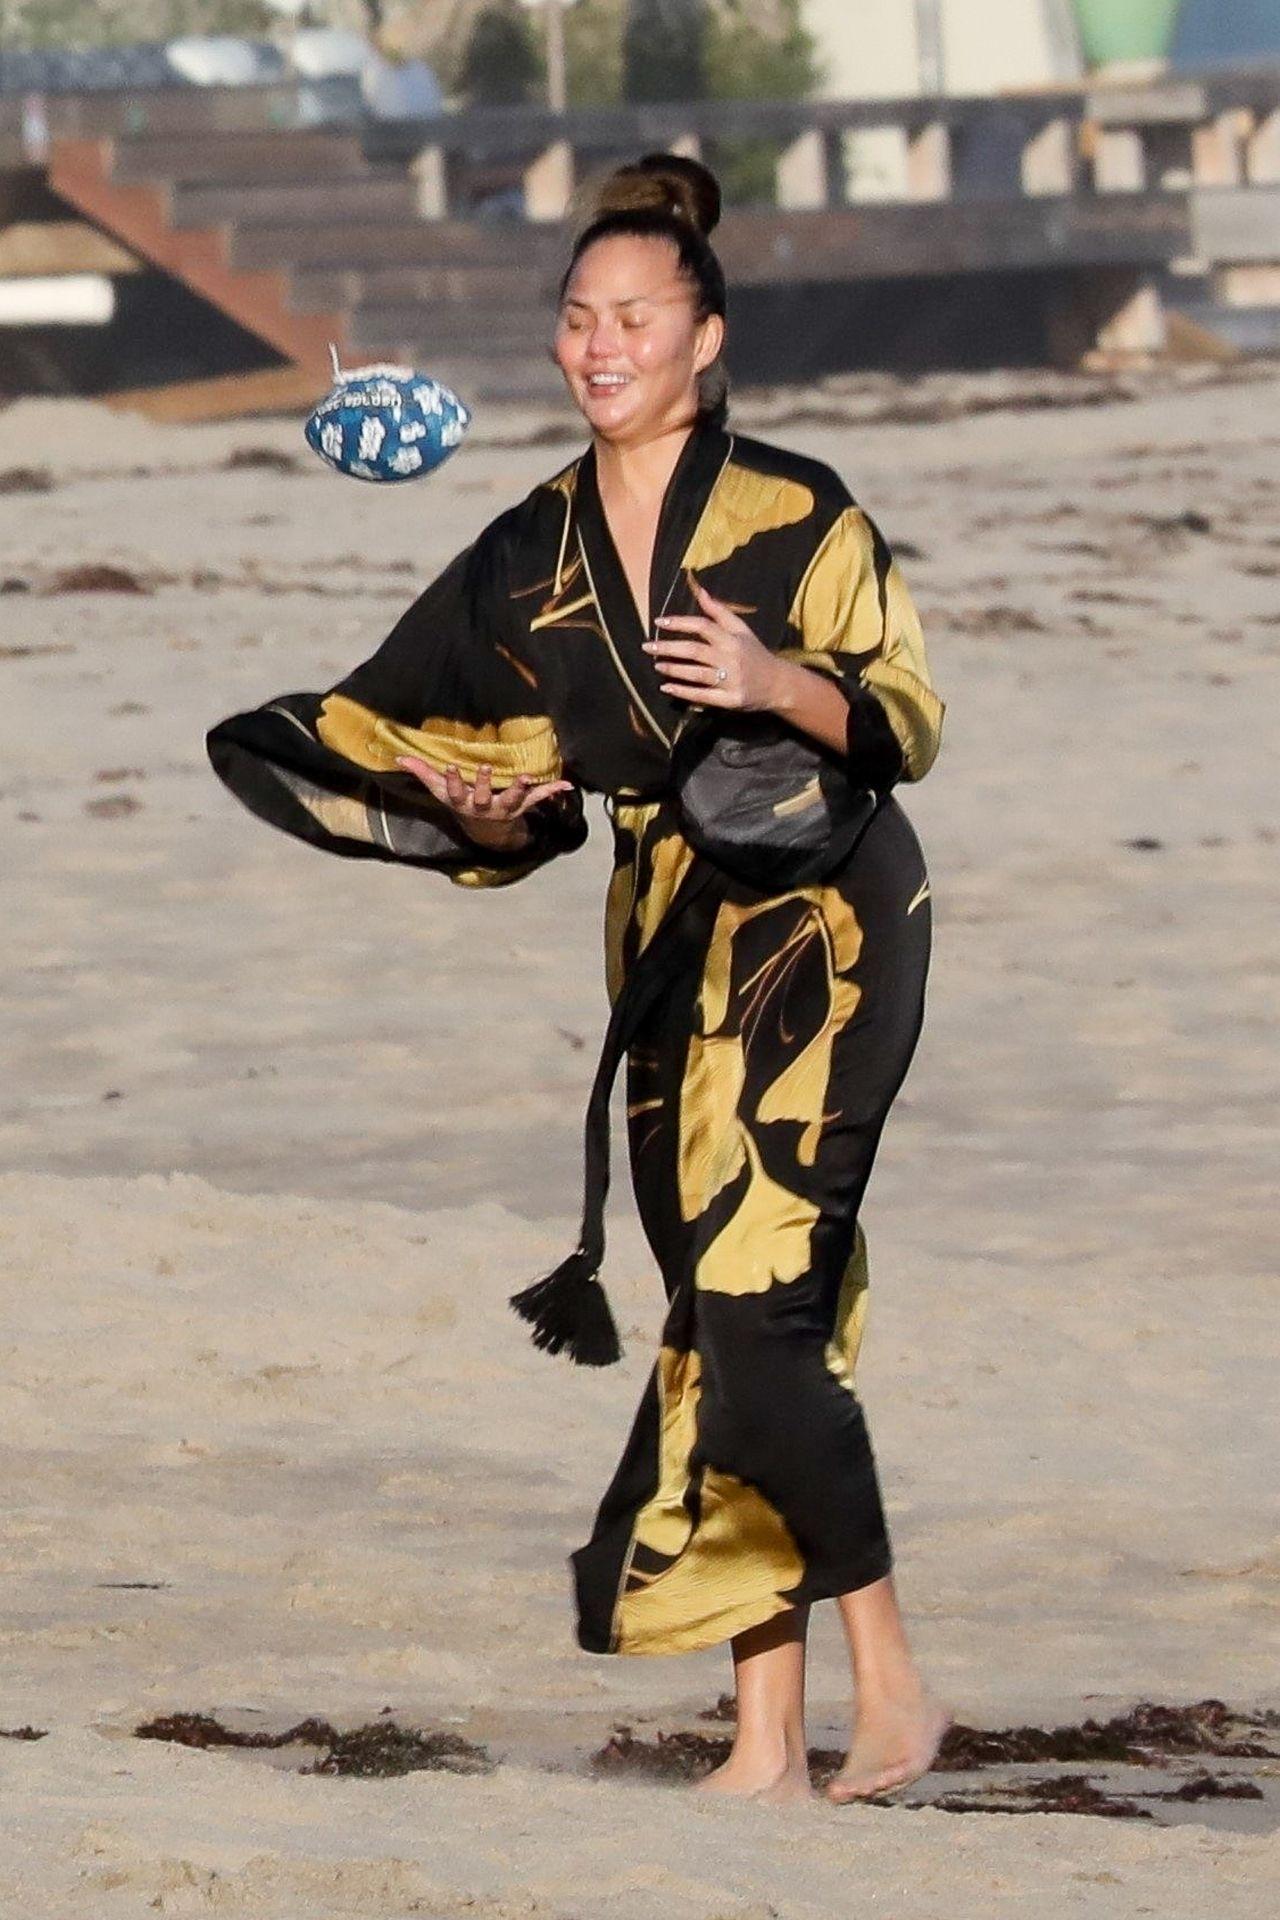 Chrissy Teigen Enjoys A Beach Day In Malibu Amid All Coronavirus Chaos 0002